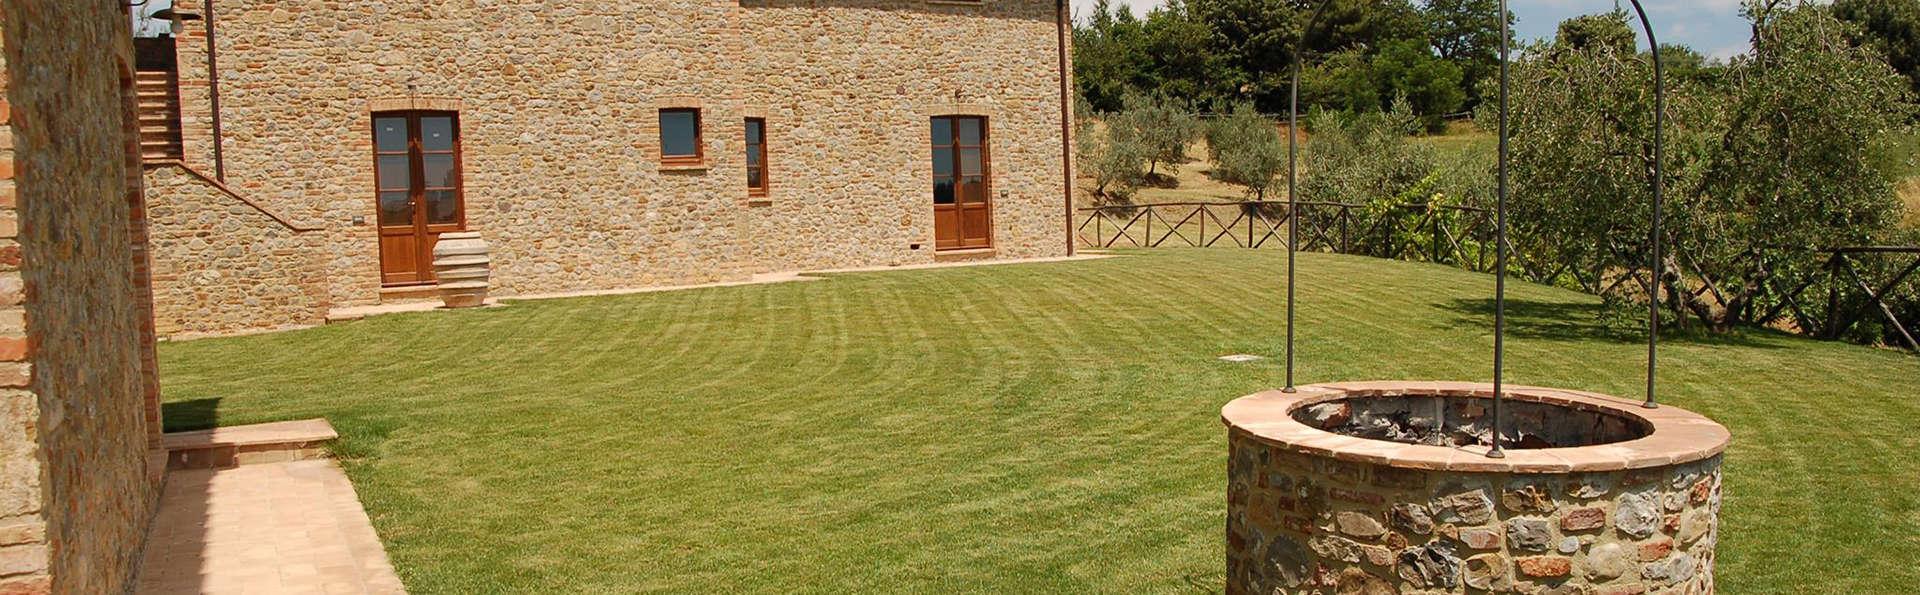 PanElios Borgo Vacanze - Edit_Garden.jpg